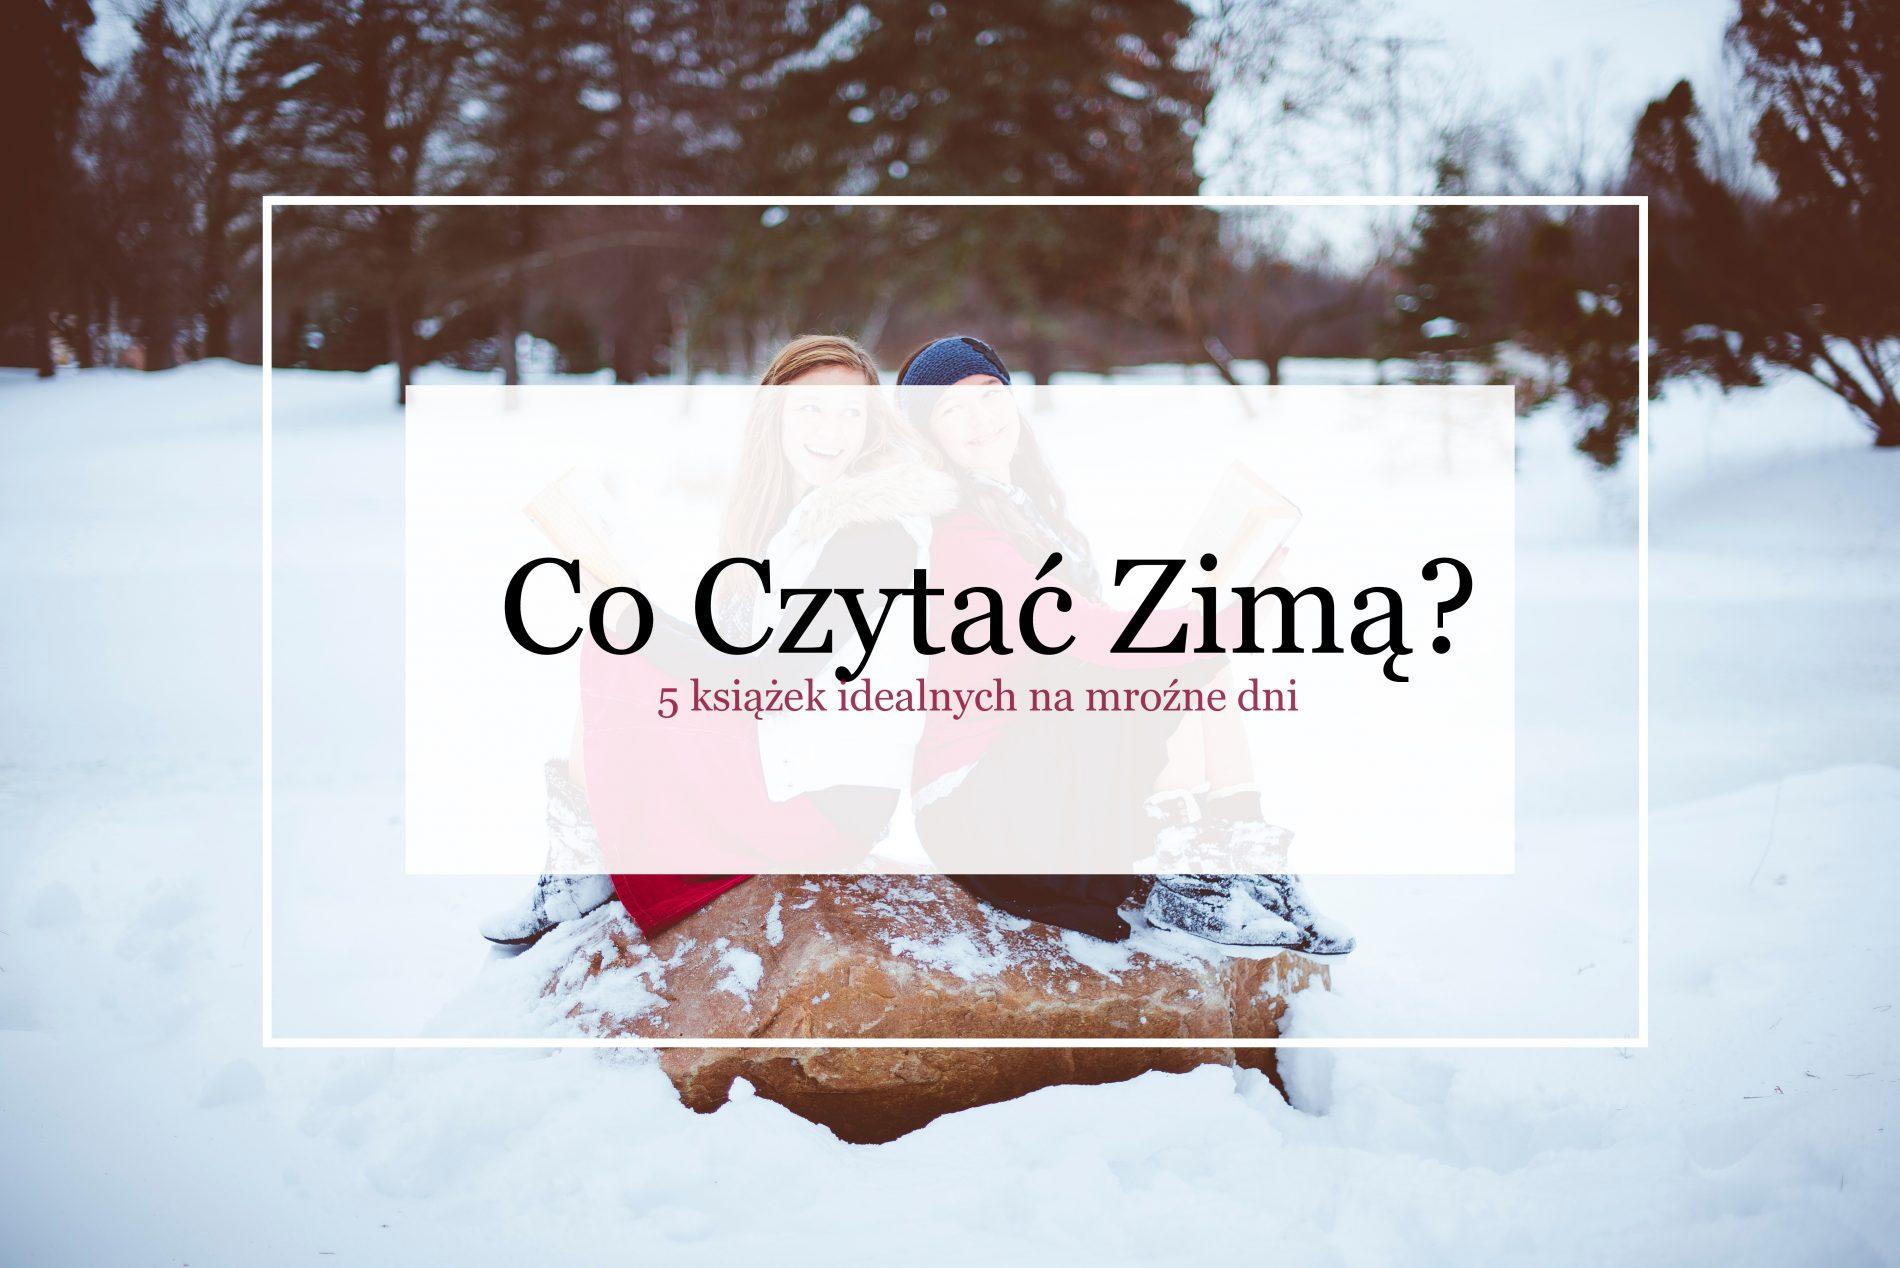 co-czytac-zima